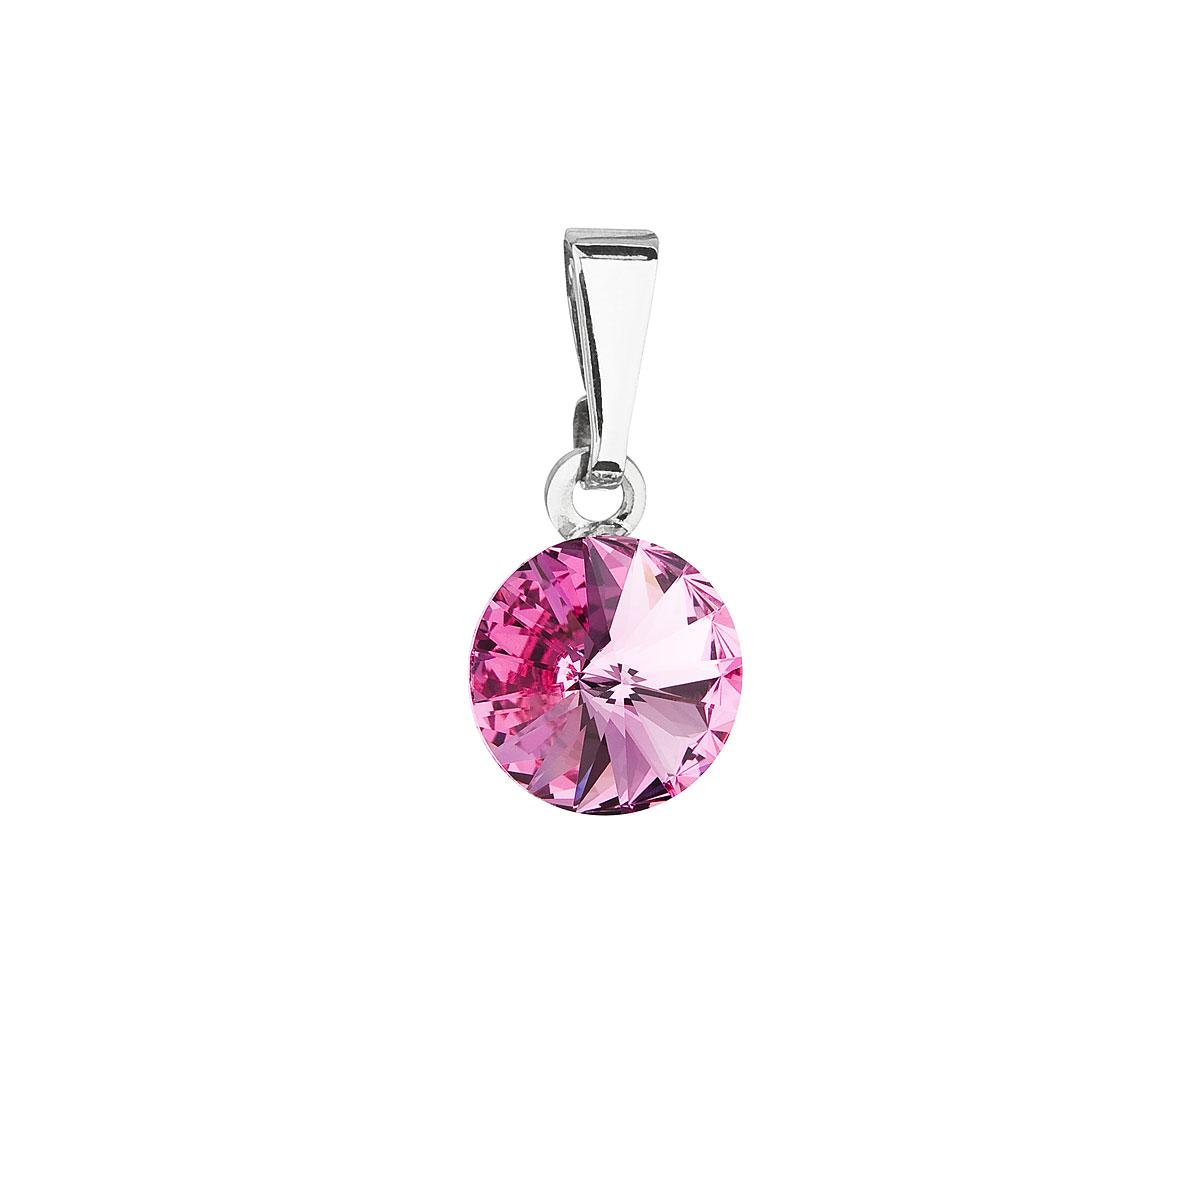 Evolution Group Přívěsek se Swarovski krystaly růžový kulatý 54018.3 rose